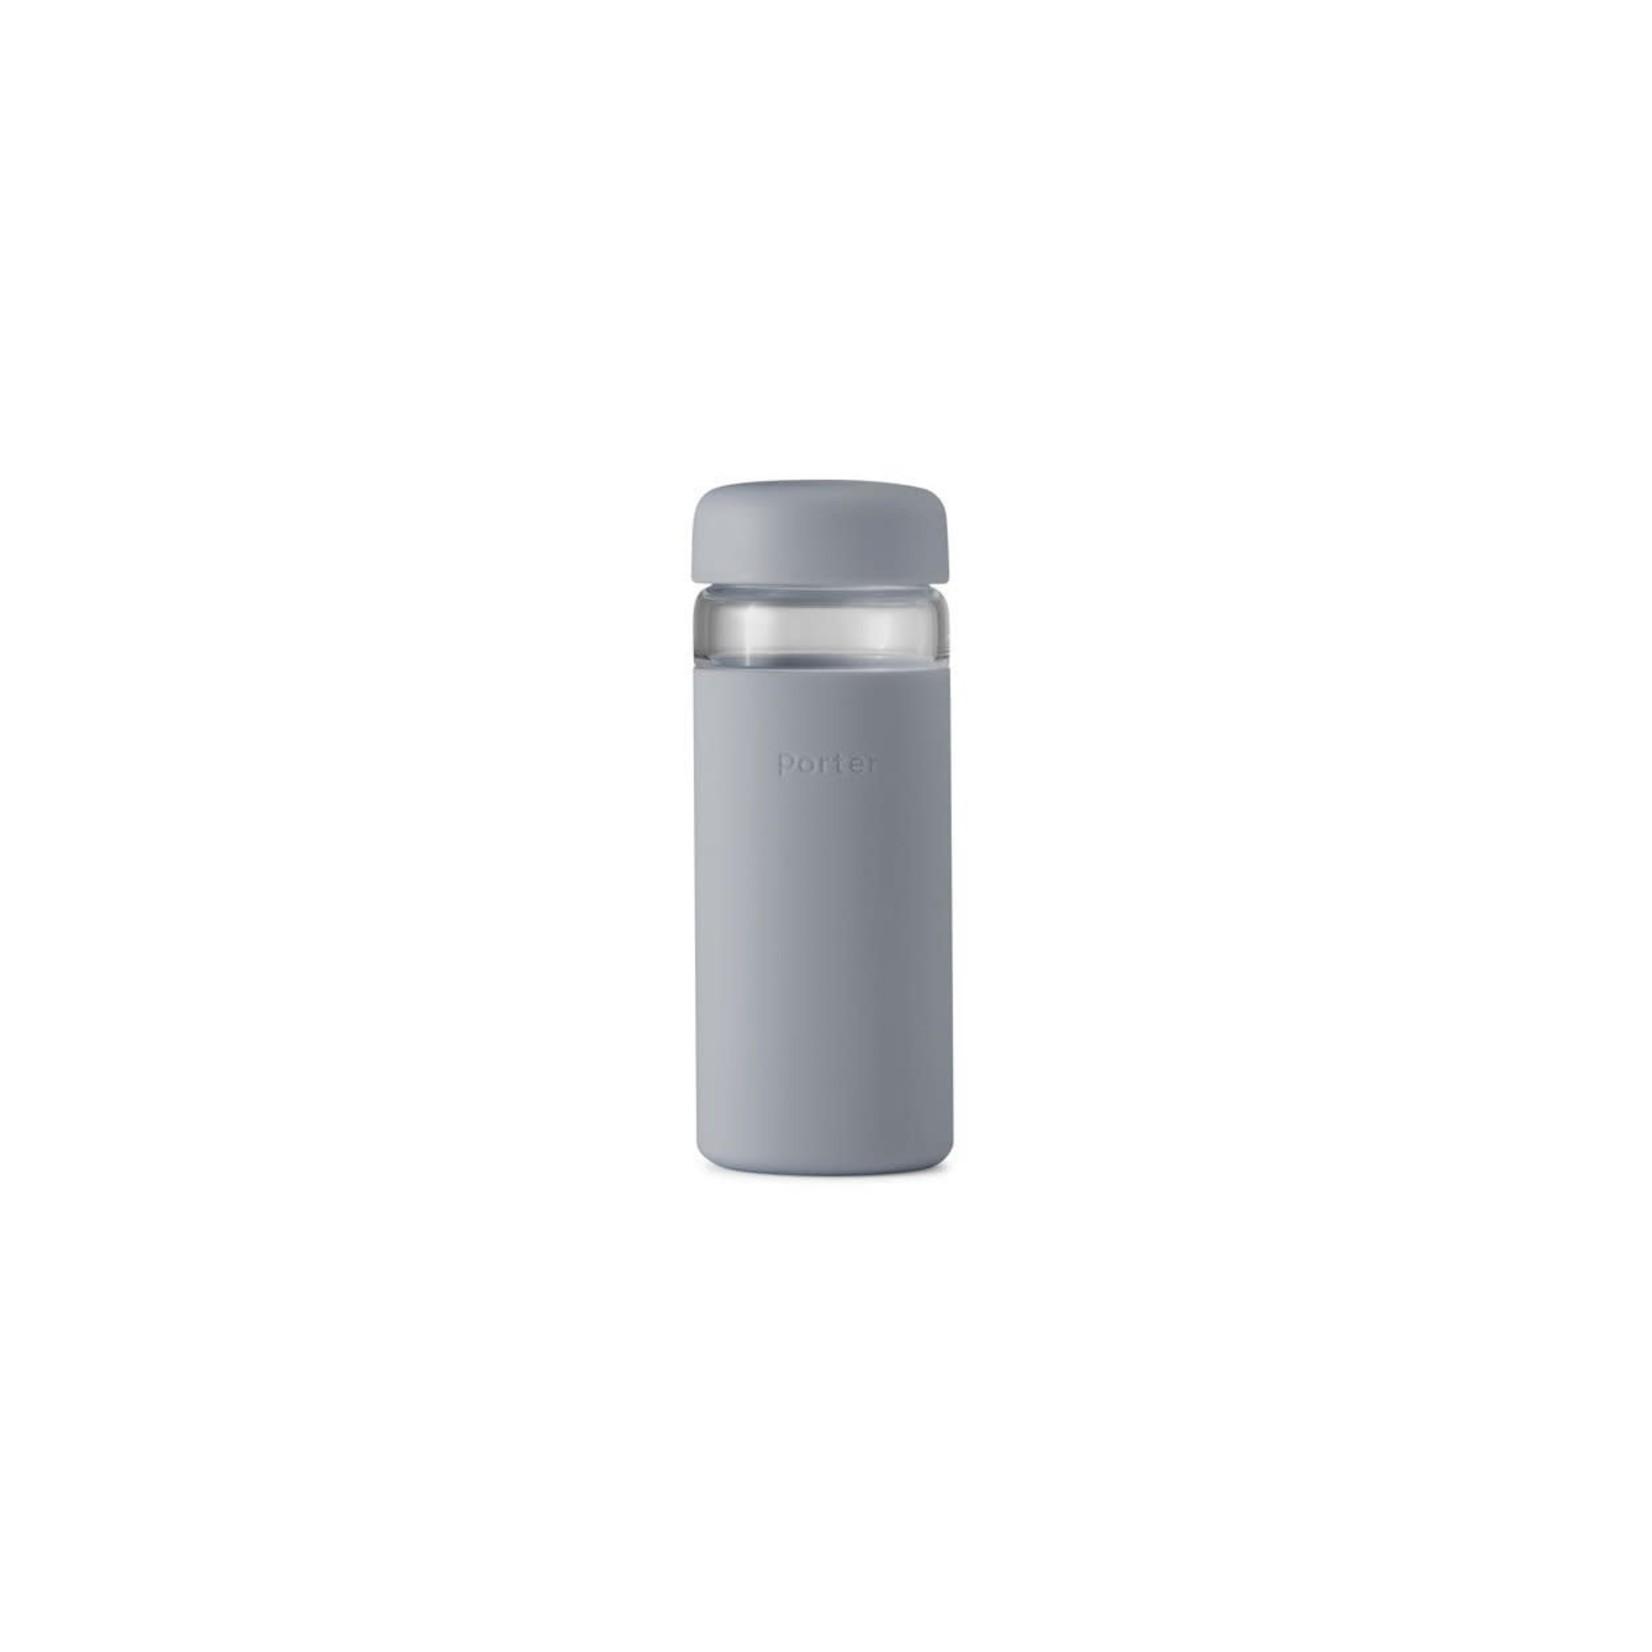 Porter Bouteille PORTER large ouverture - gris